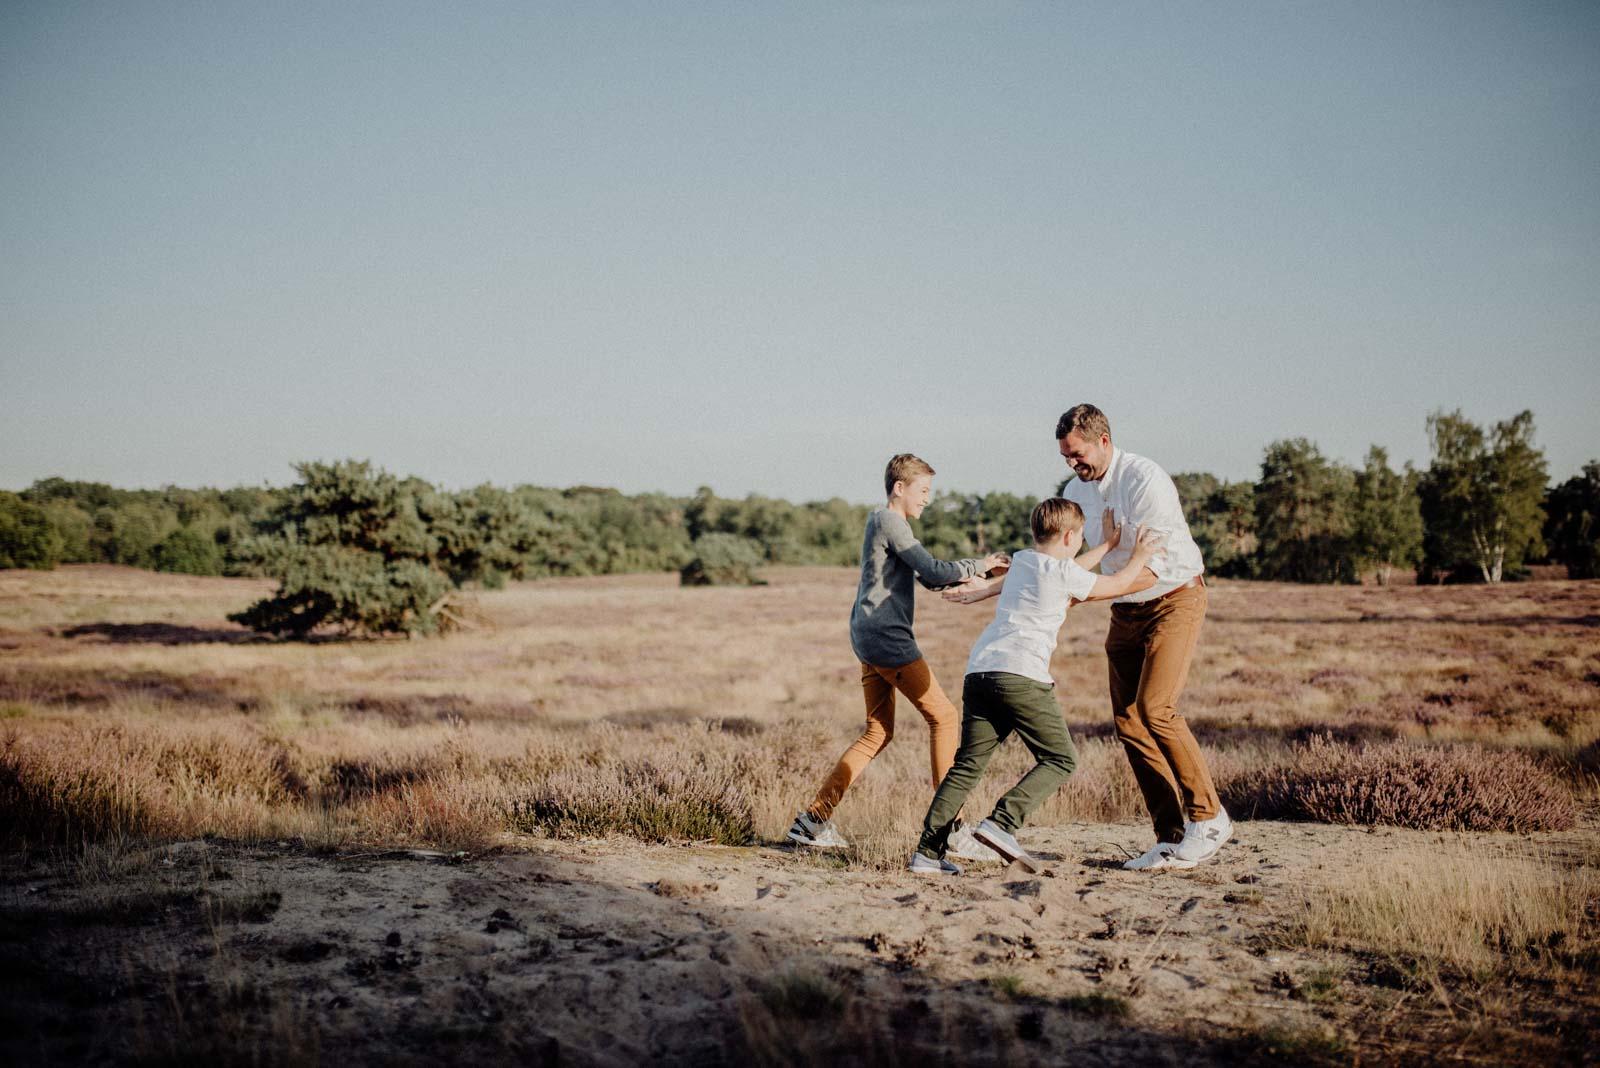 016-Familienfotos-Familienreportage-Heideshooting-natürlich-Heide